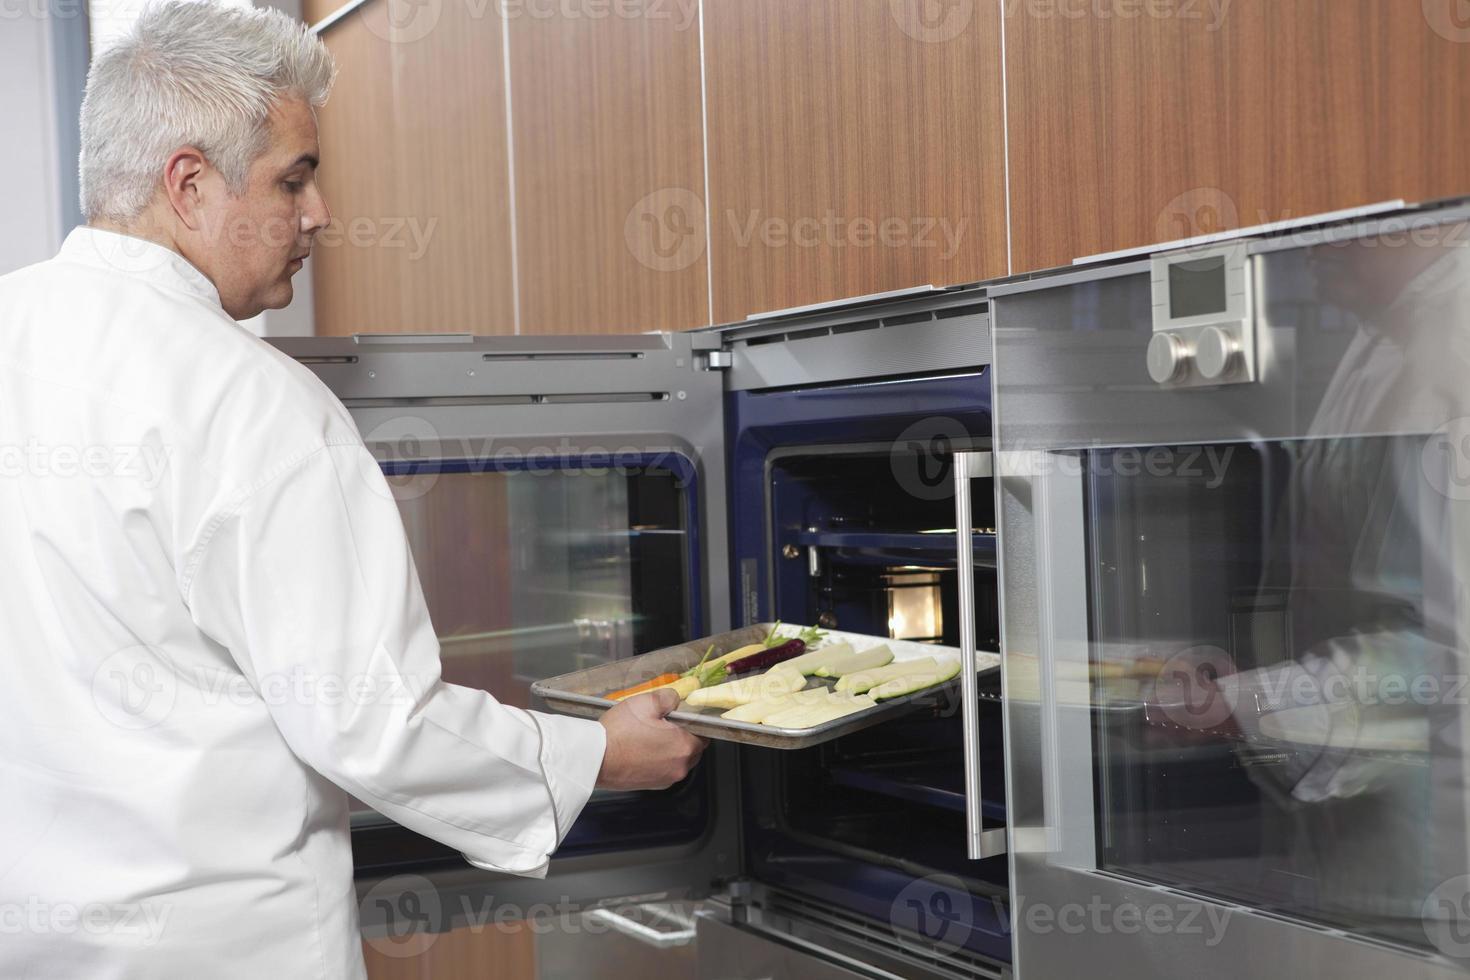 mannelijke chef-kok bakplaat in de oven plaatsen foto